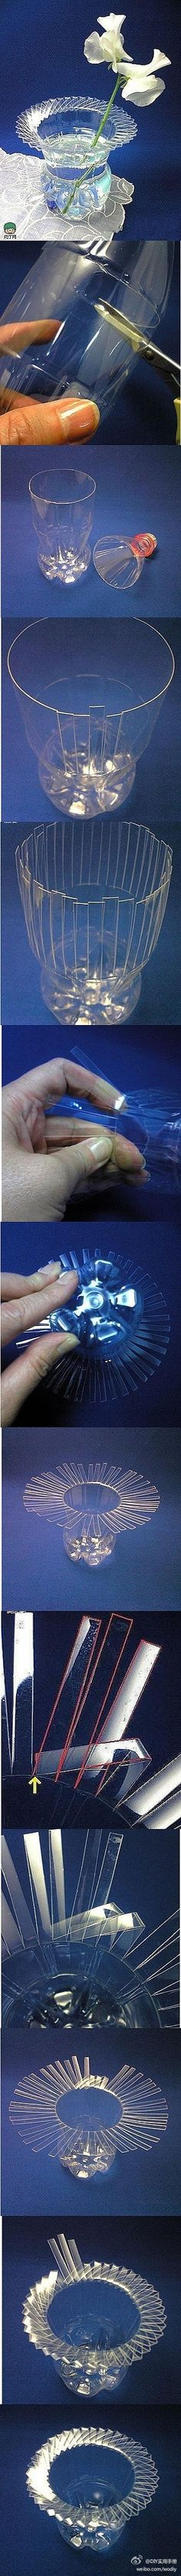 Recicla y realiza este hermoso florero con IdeasParaDecoracion. http://ideasparadecoracion.com/florero-reciclado/